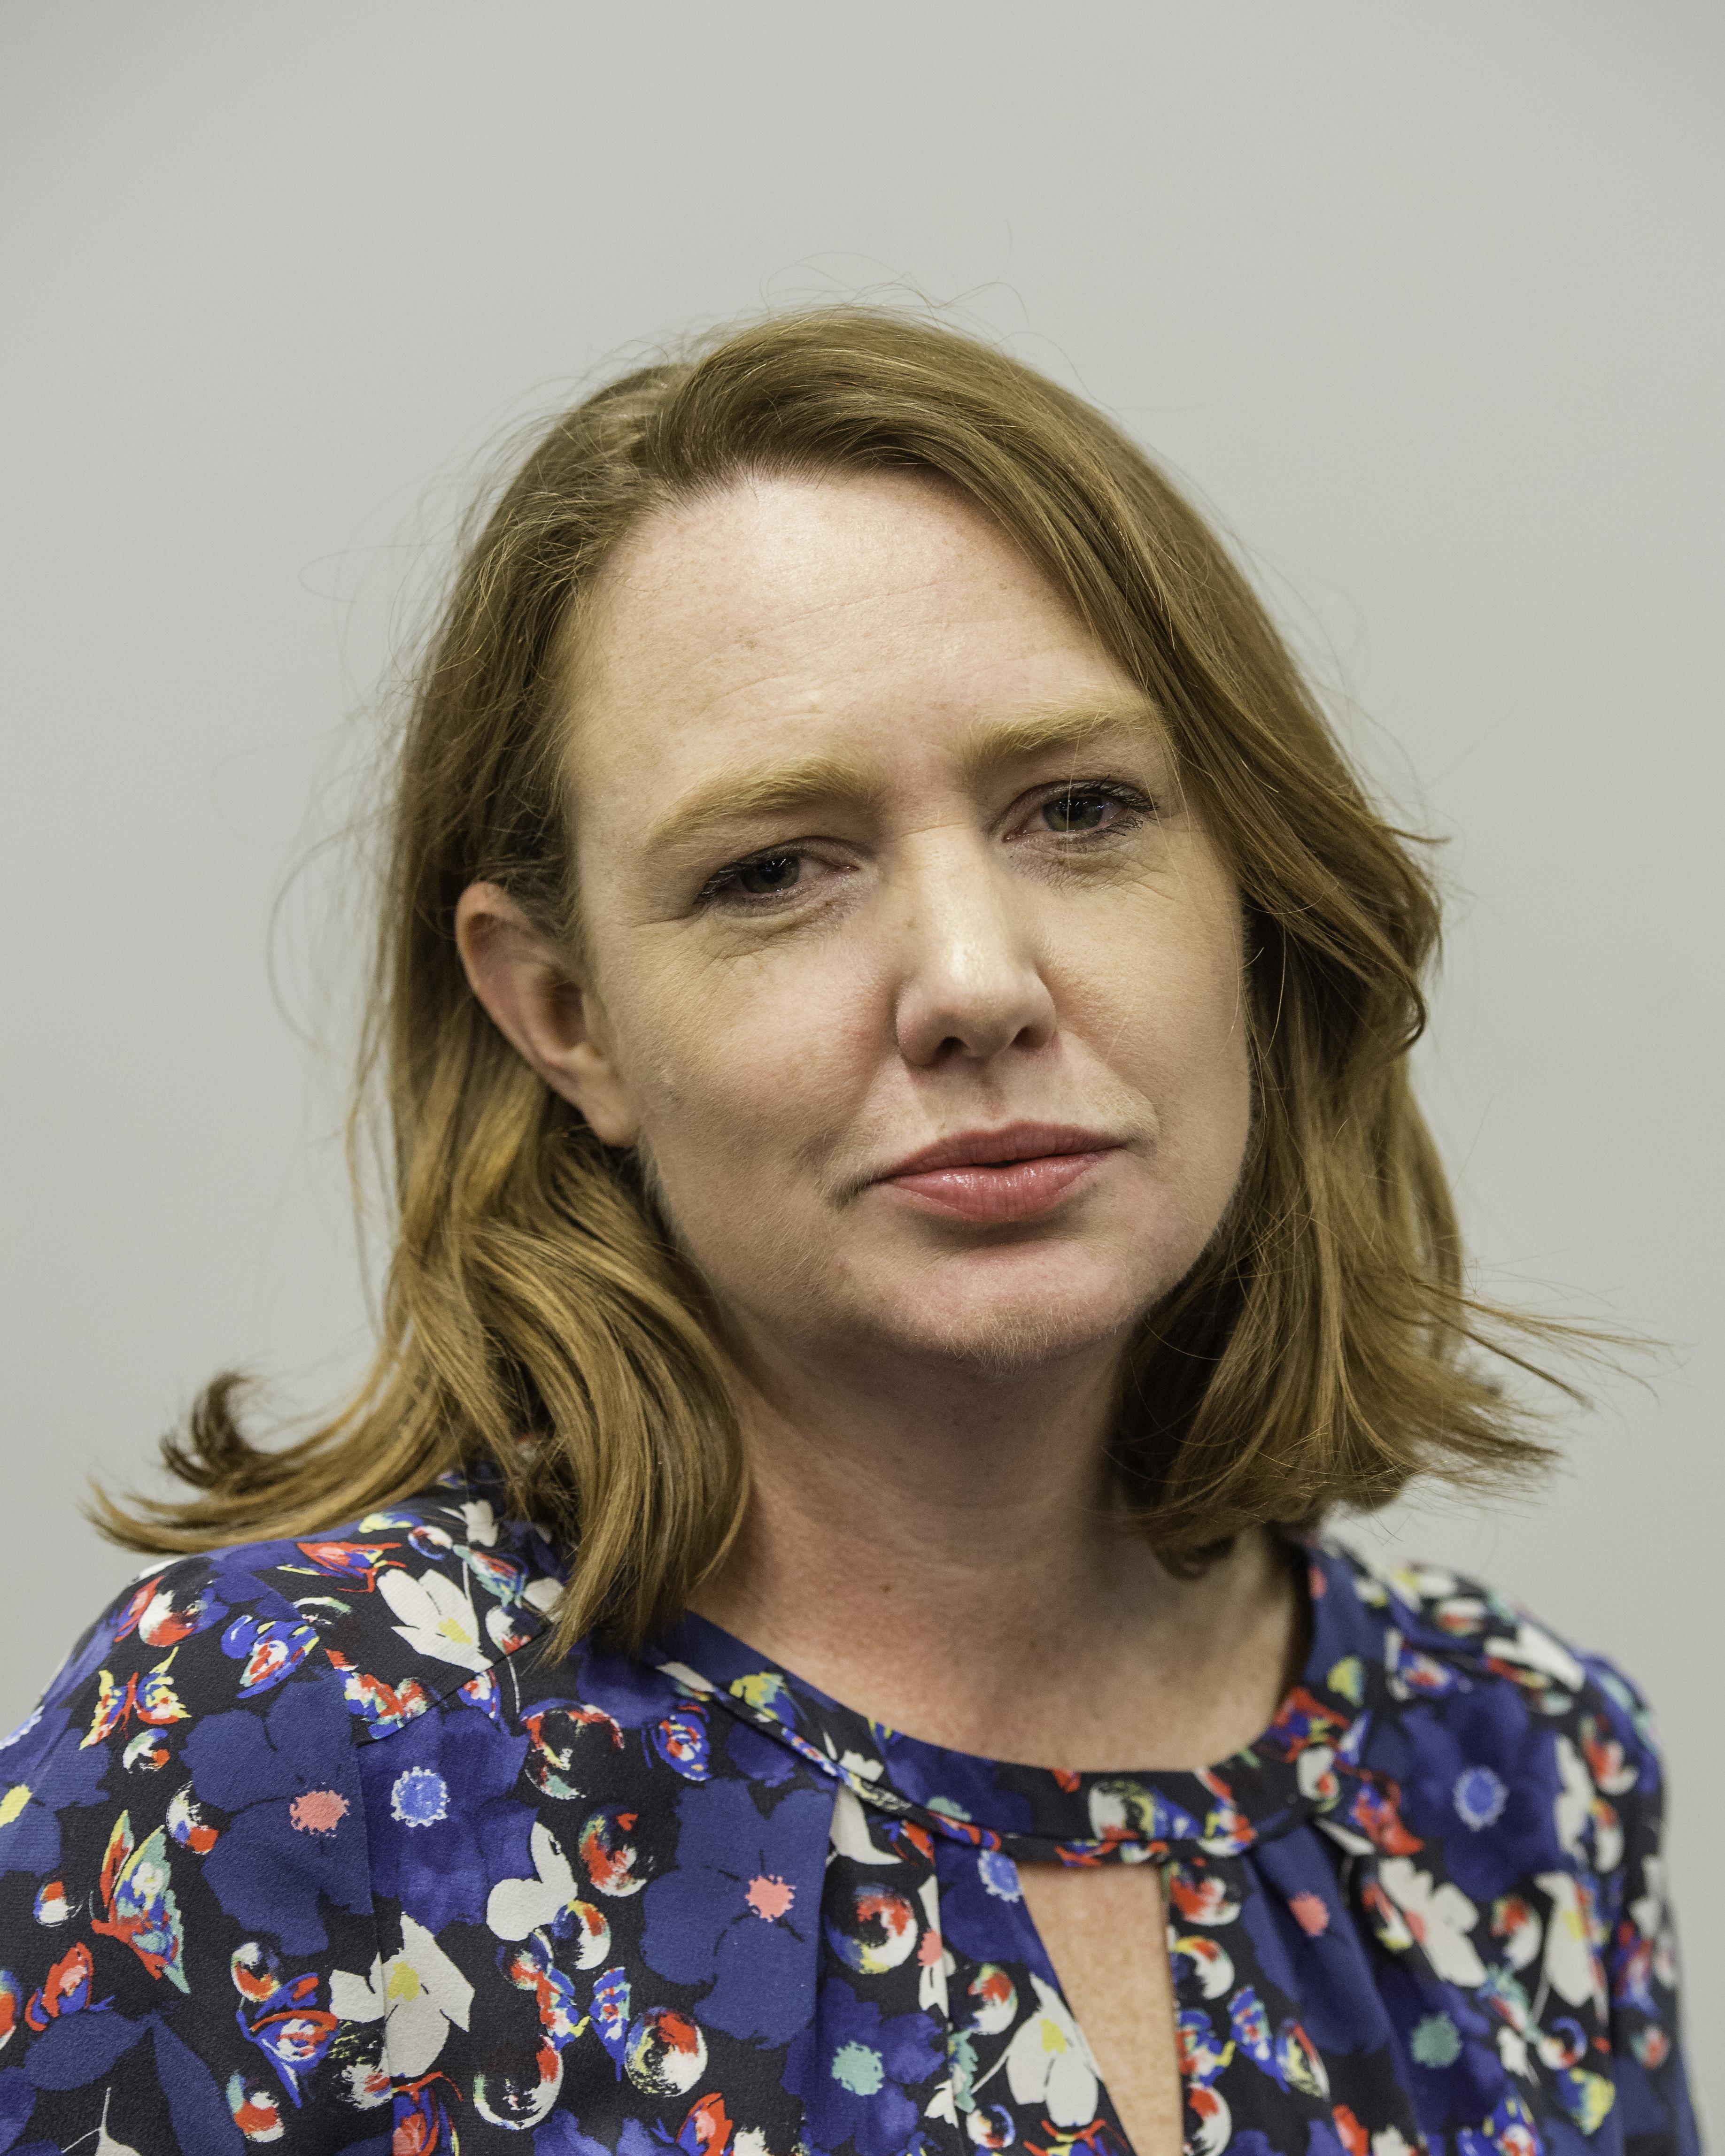 Paula Hawkins (author) - Wikipedia